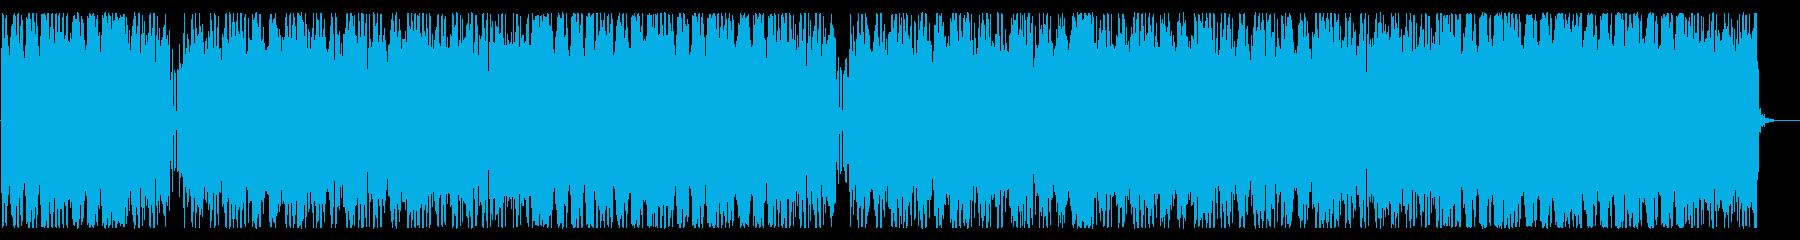 哀愁の漂うメロディーが印象的なEDMの再生済みの波形